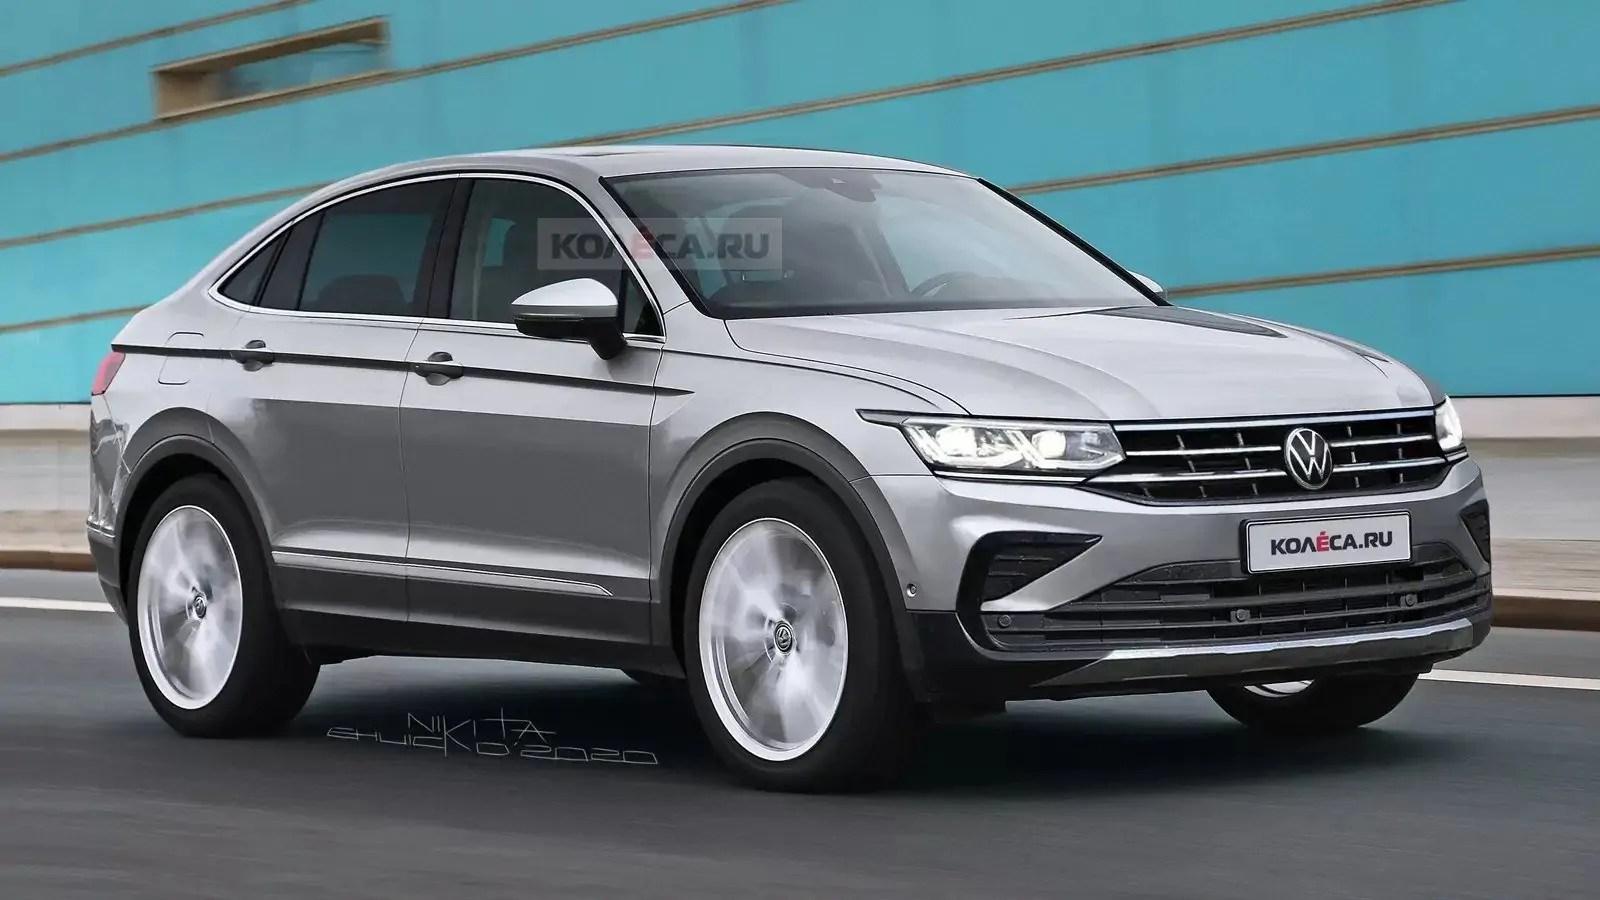 Nuova Volkswagen Tiguan 2020, info e uscita della Coupé